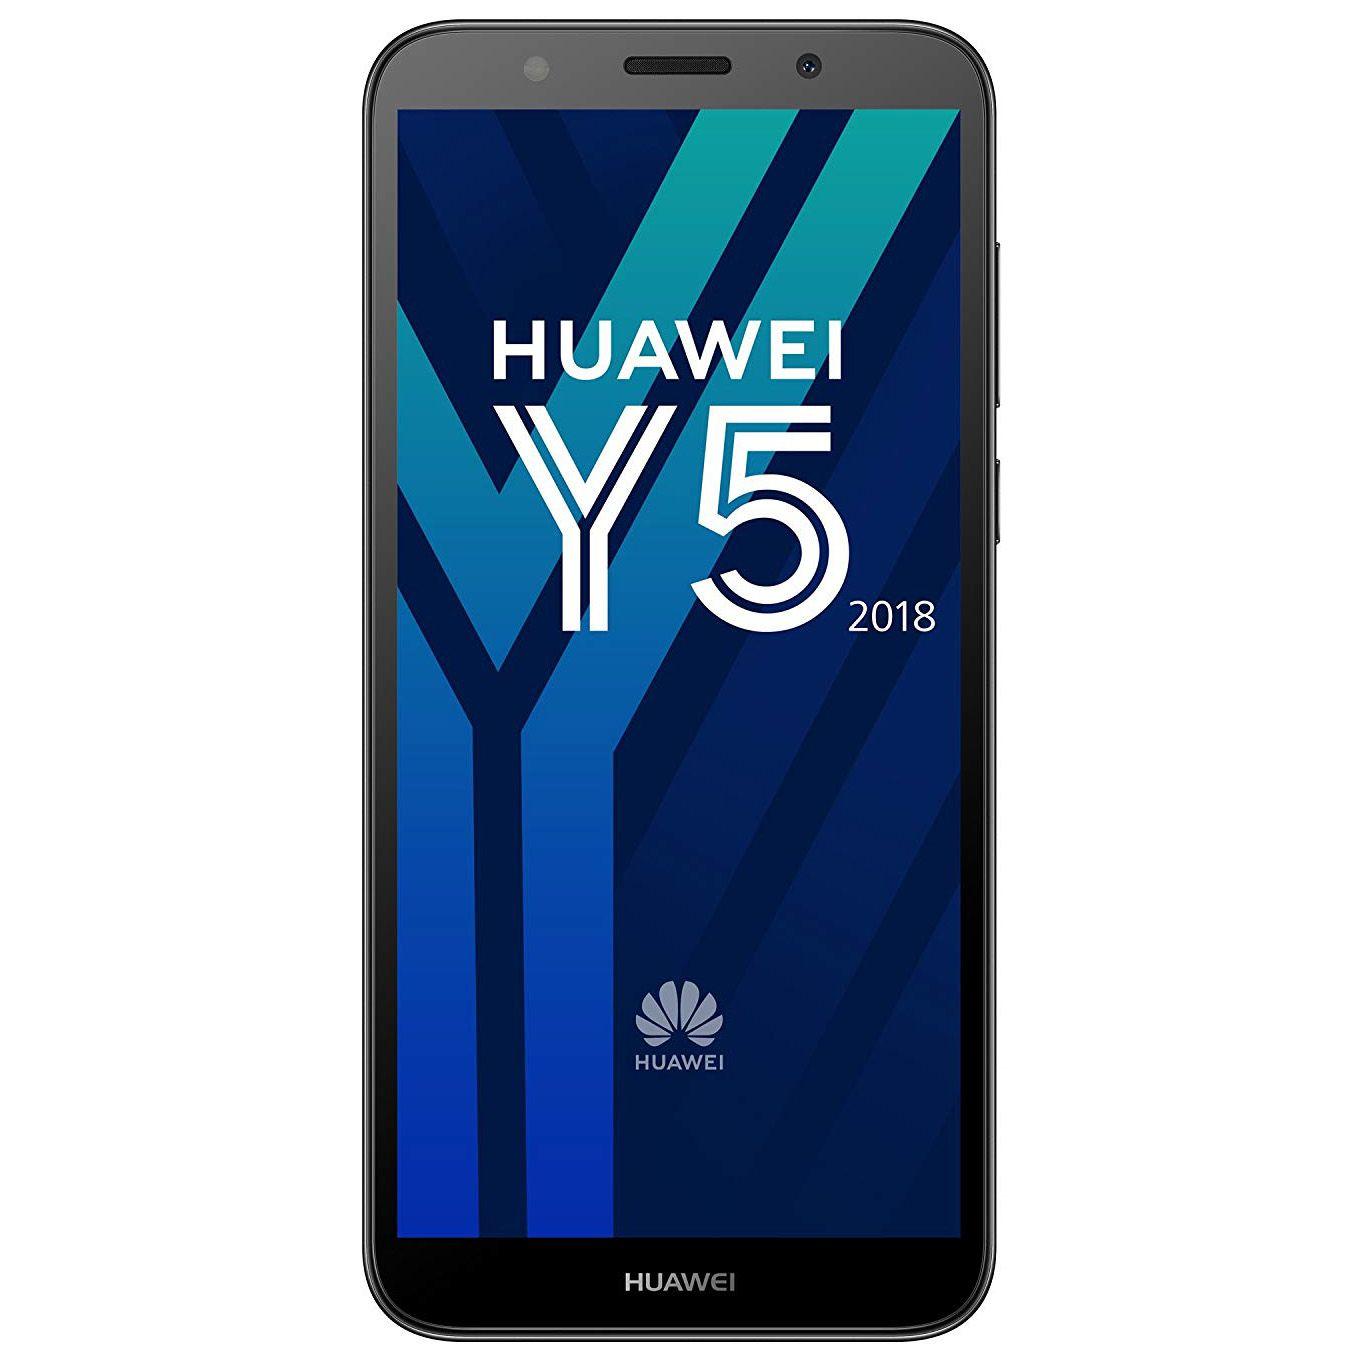 Telefon Mobil Huawei Y5 (2018) 16GB Flash 2GB RAM Dual SIM 4G Black